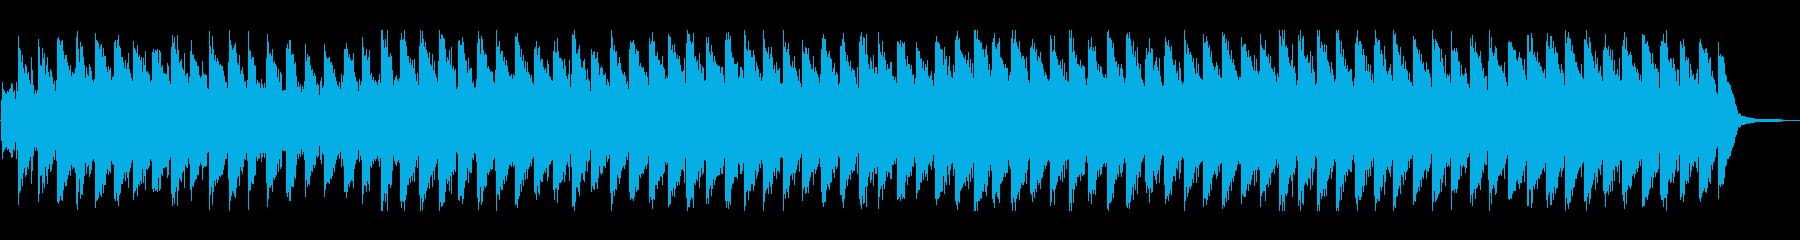 ホラーで不快な環境音ですの再生済みの波形